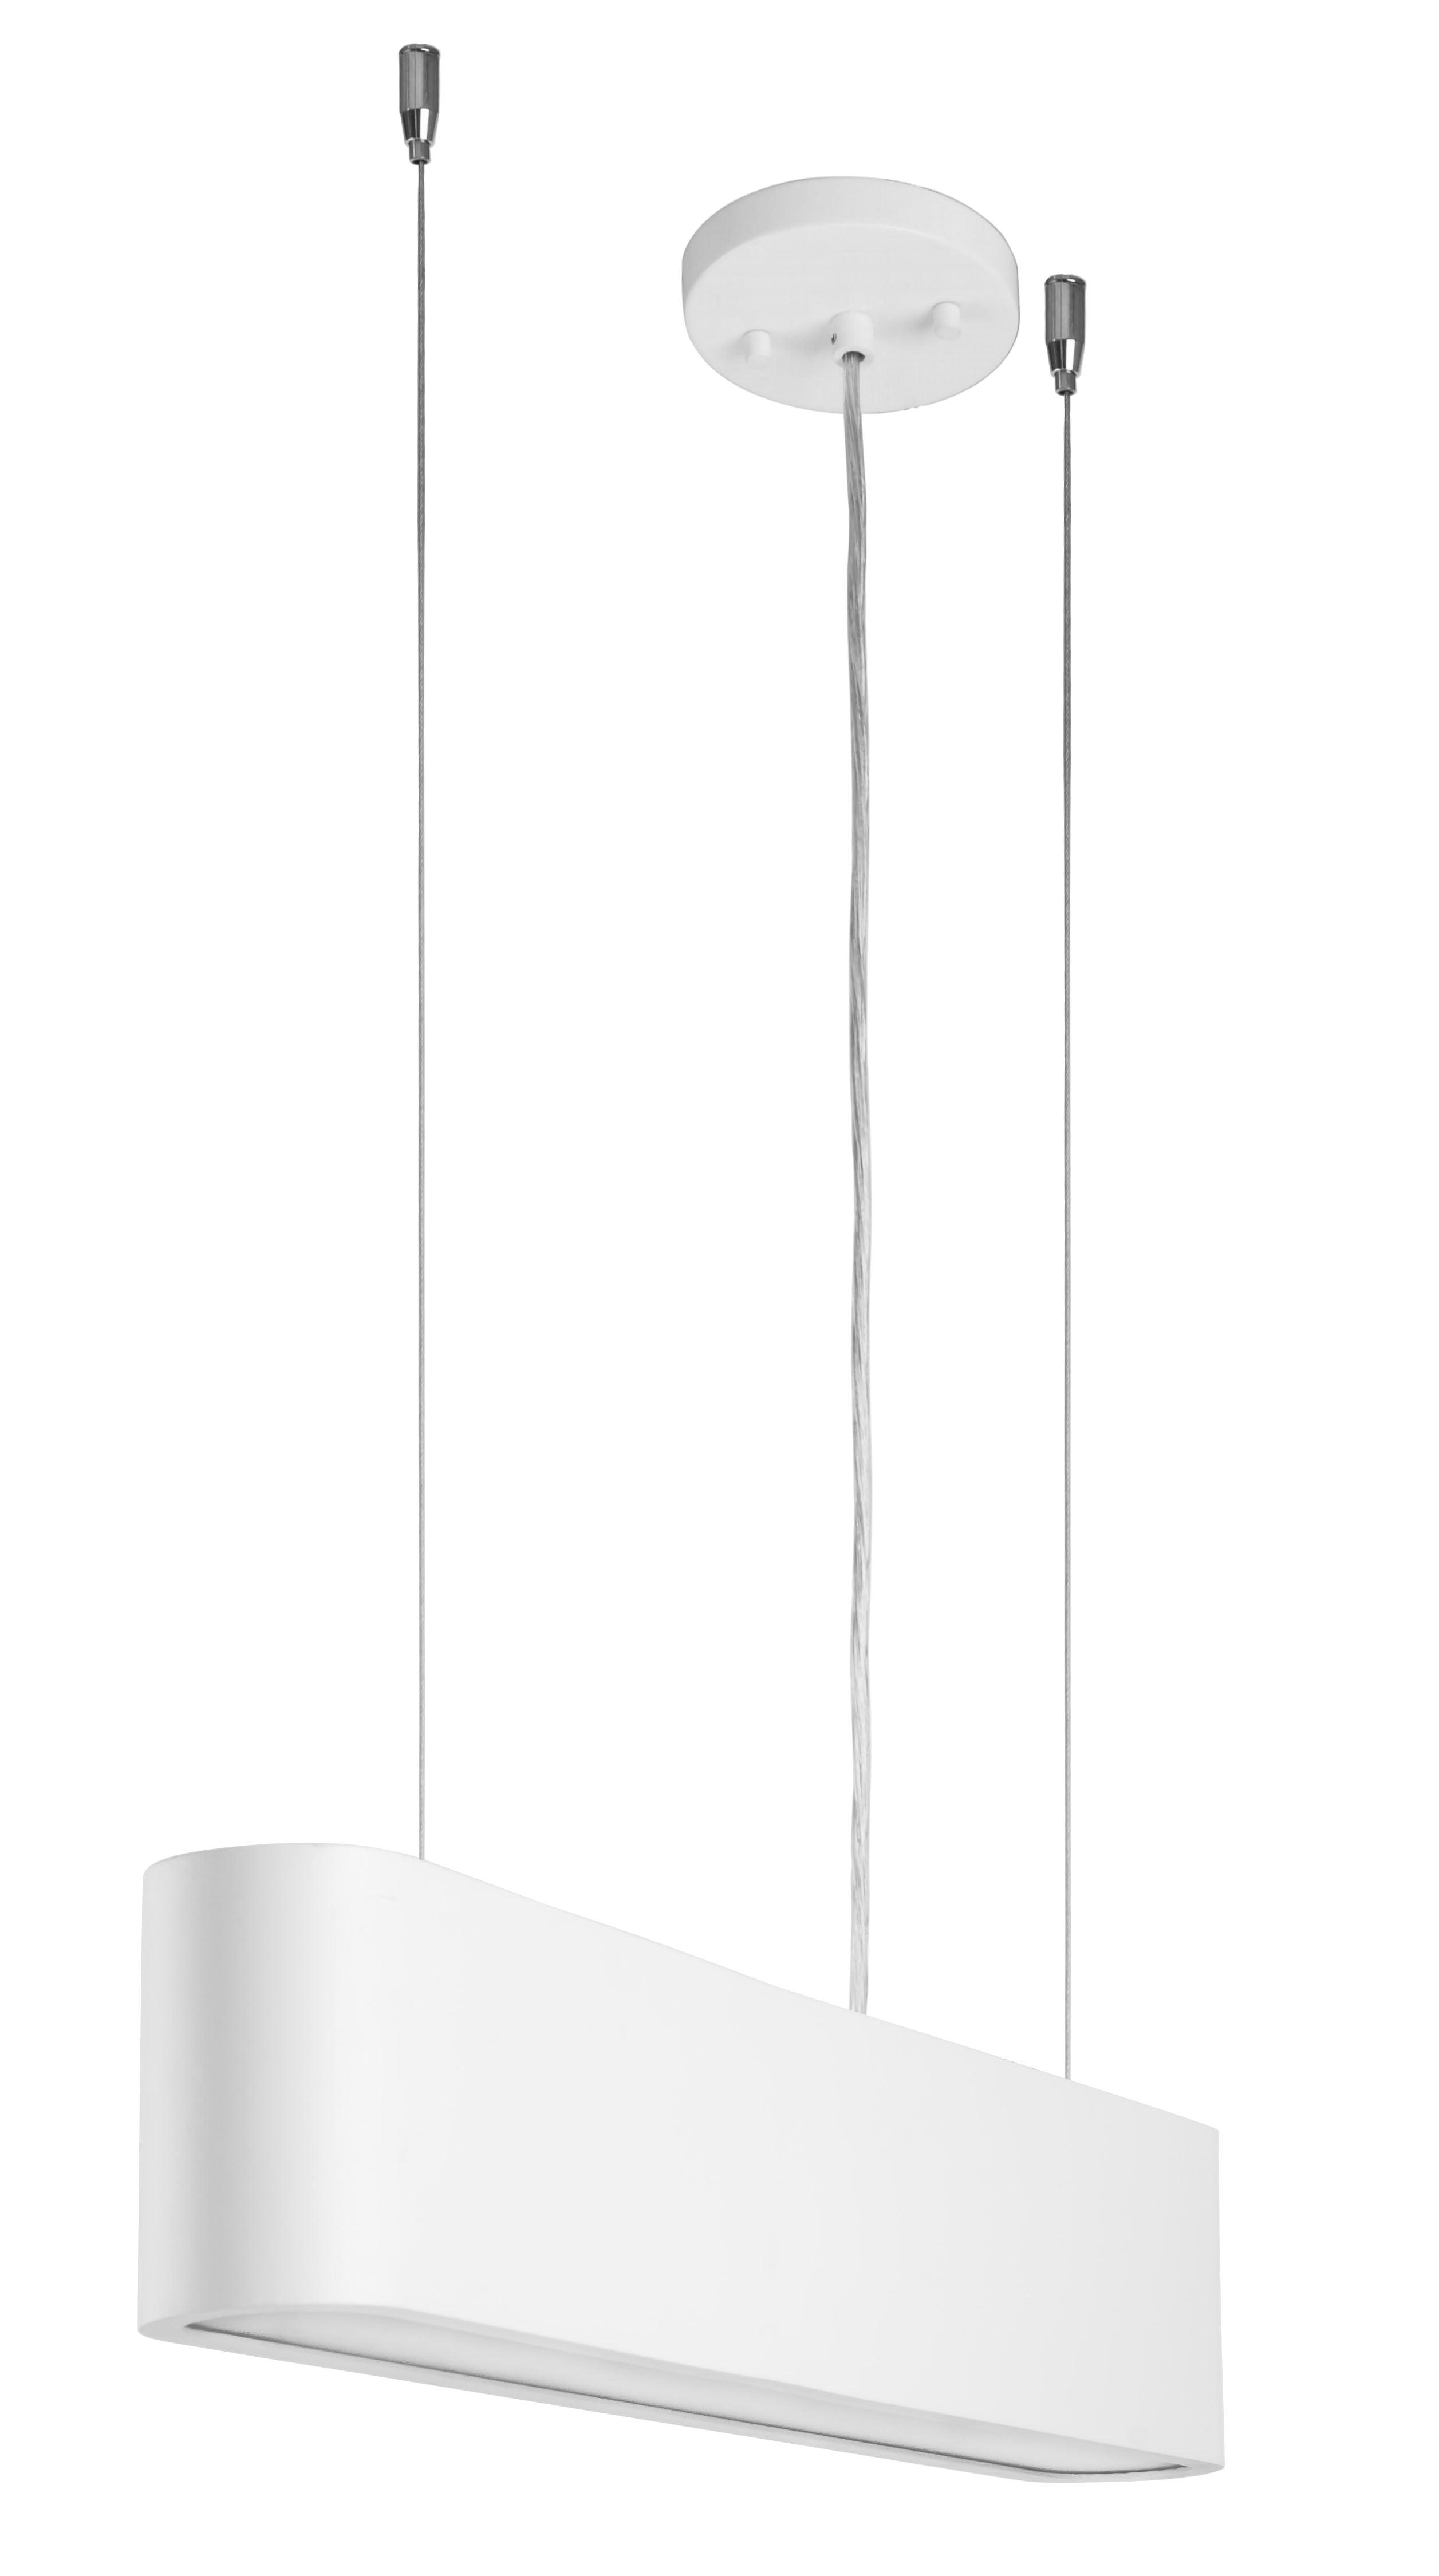 White loft hanging lamp Illumina LED 35W